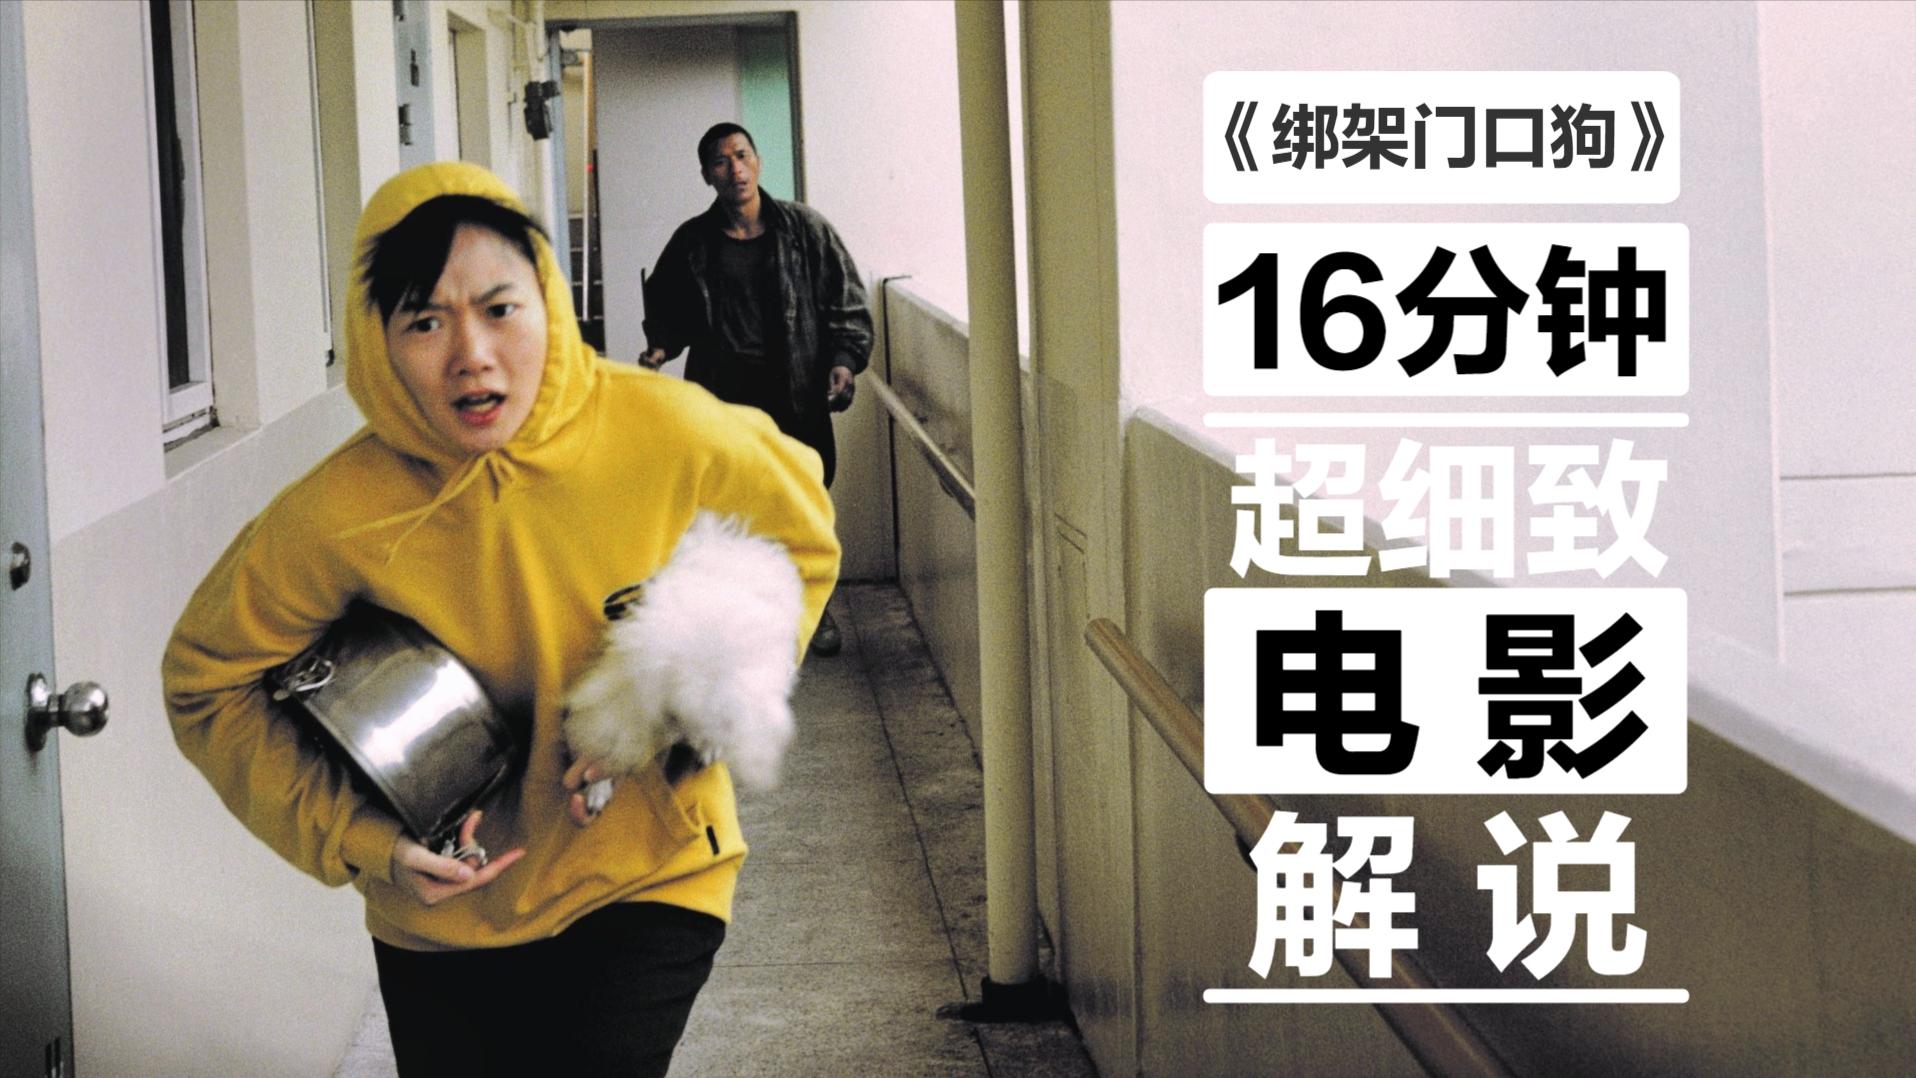 《绑架门口狗》:吃狗的正义性,为人的动物性,无非是生活的悲凉